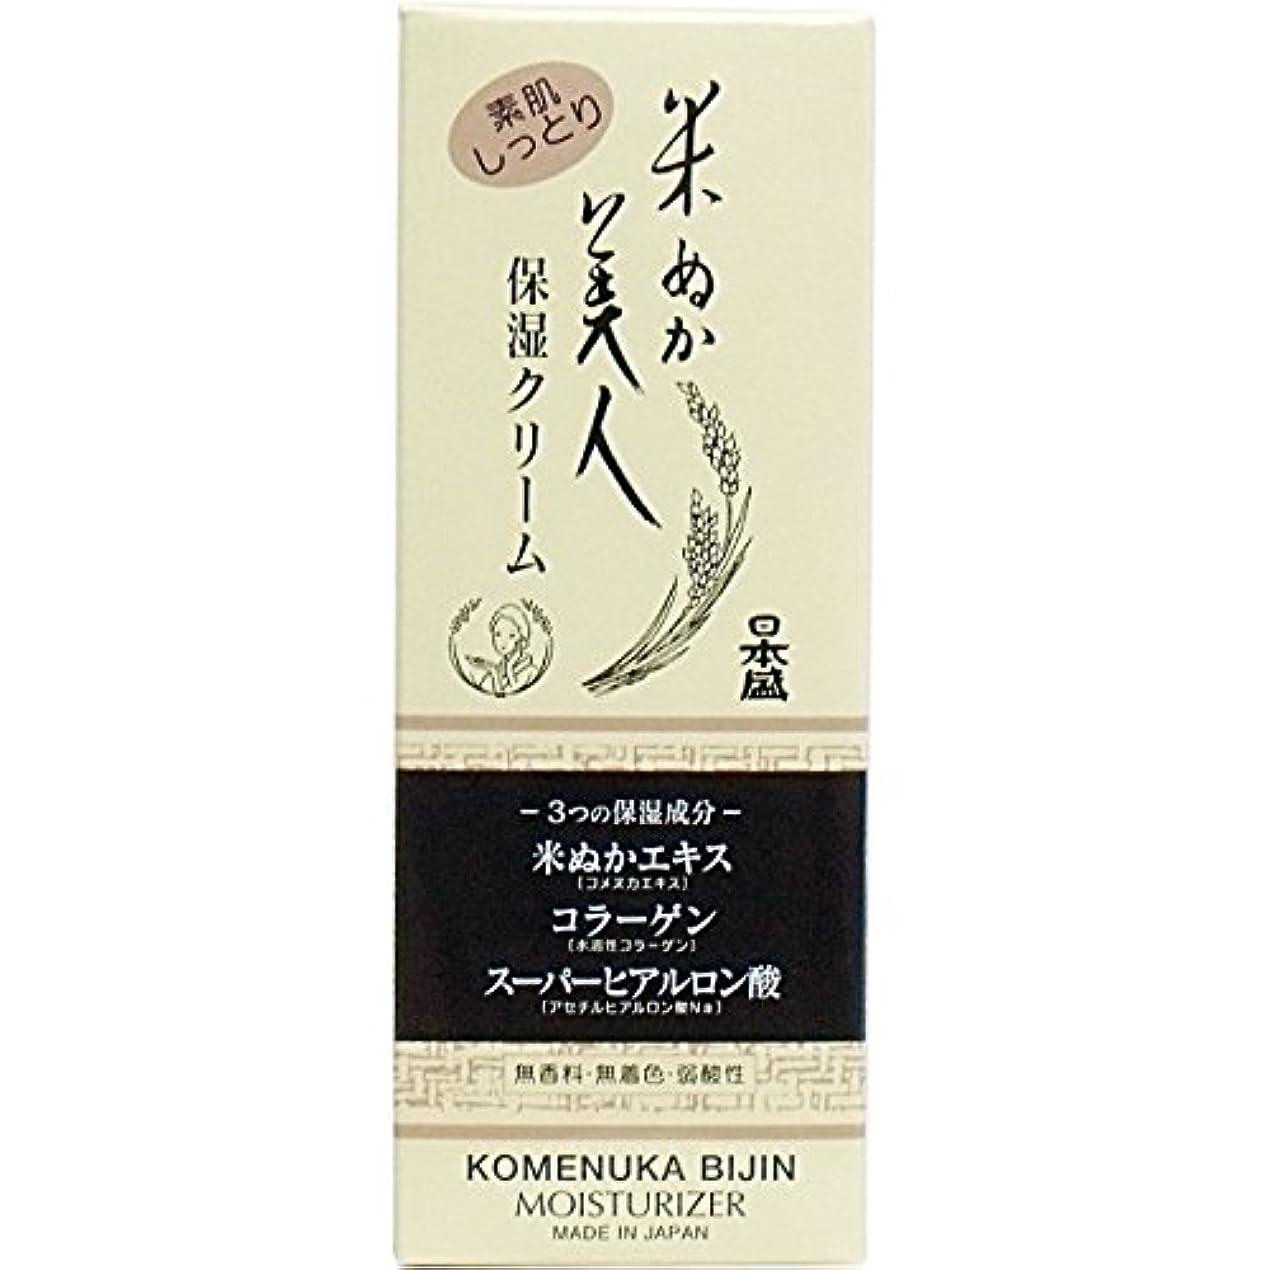 アンカー愚かなクラブ【日本盛】米ぬか美人 保湿クリーム 35g